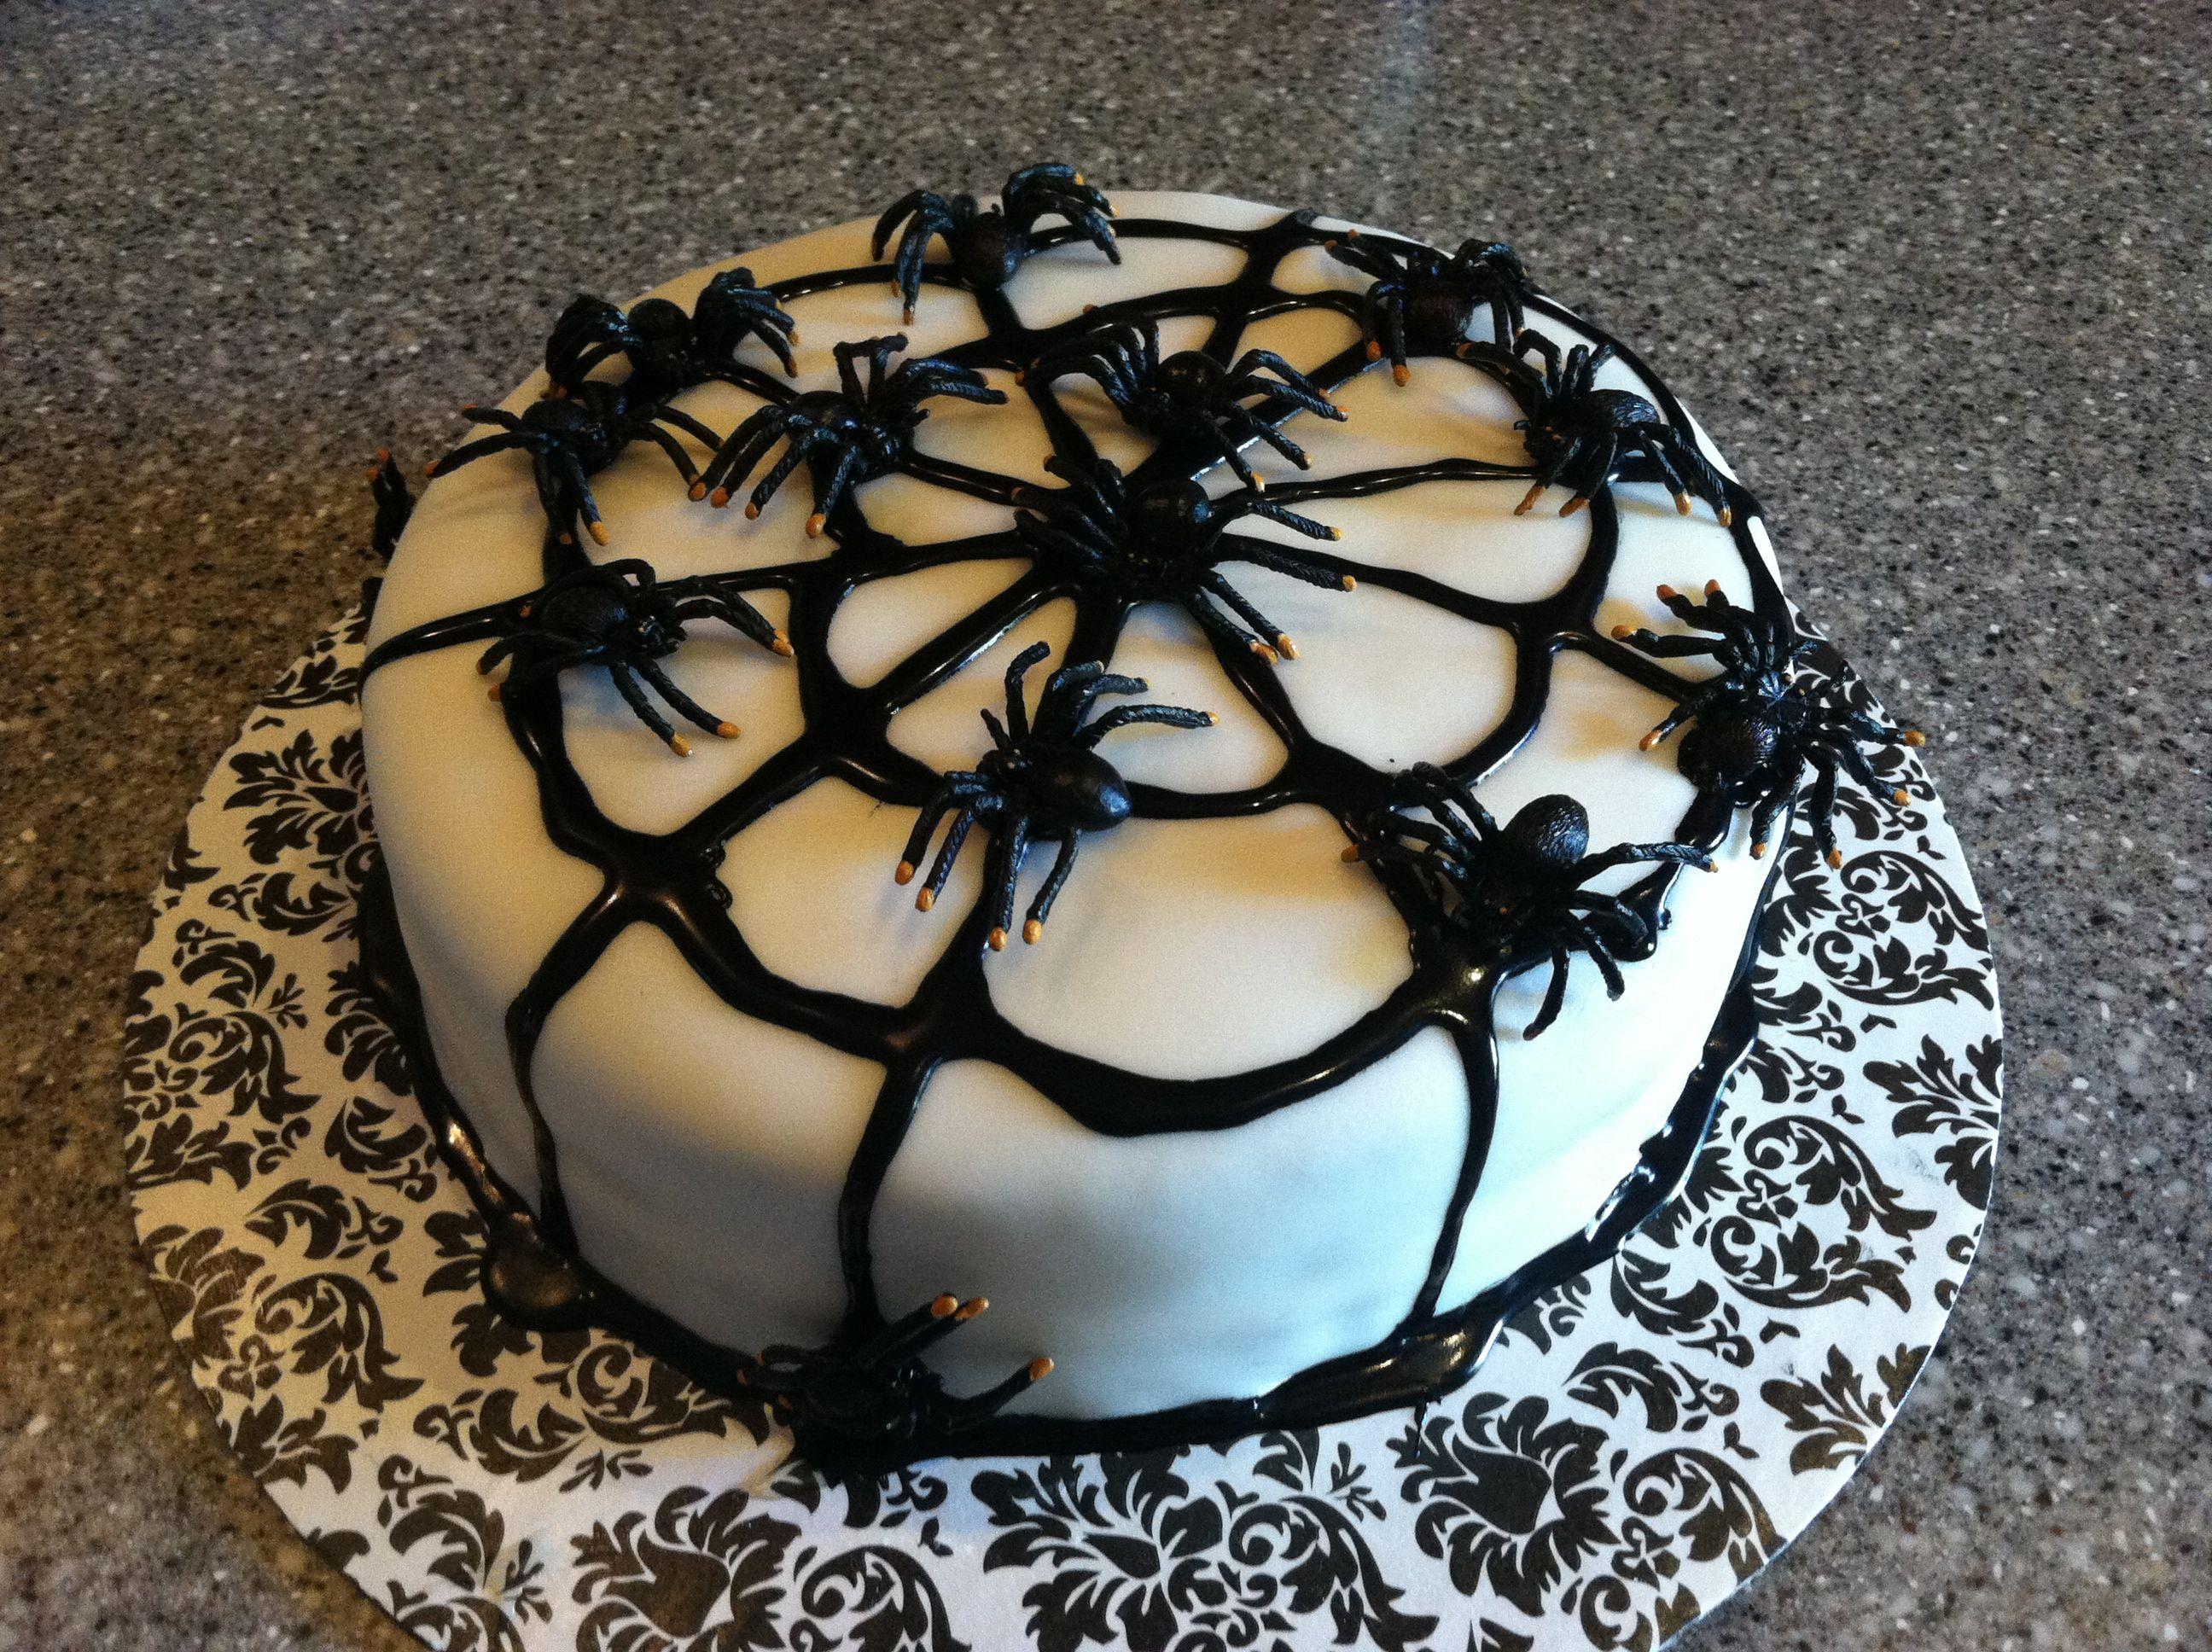 Halloween Spider Cake Decoration : Spider Halloween cake Cakes Pinterest